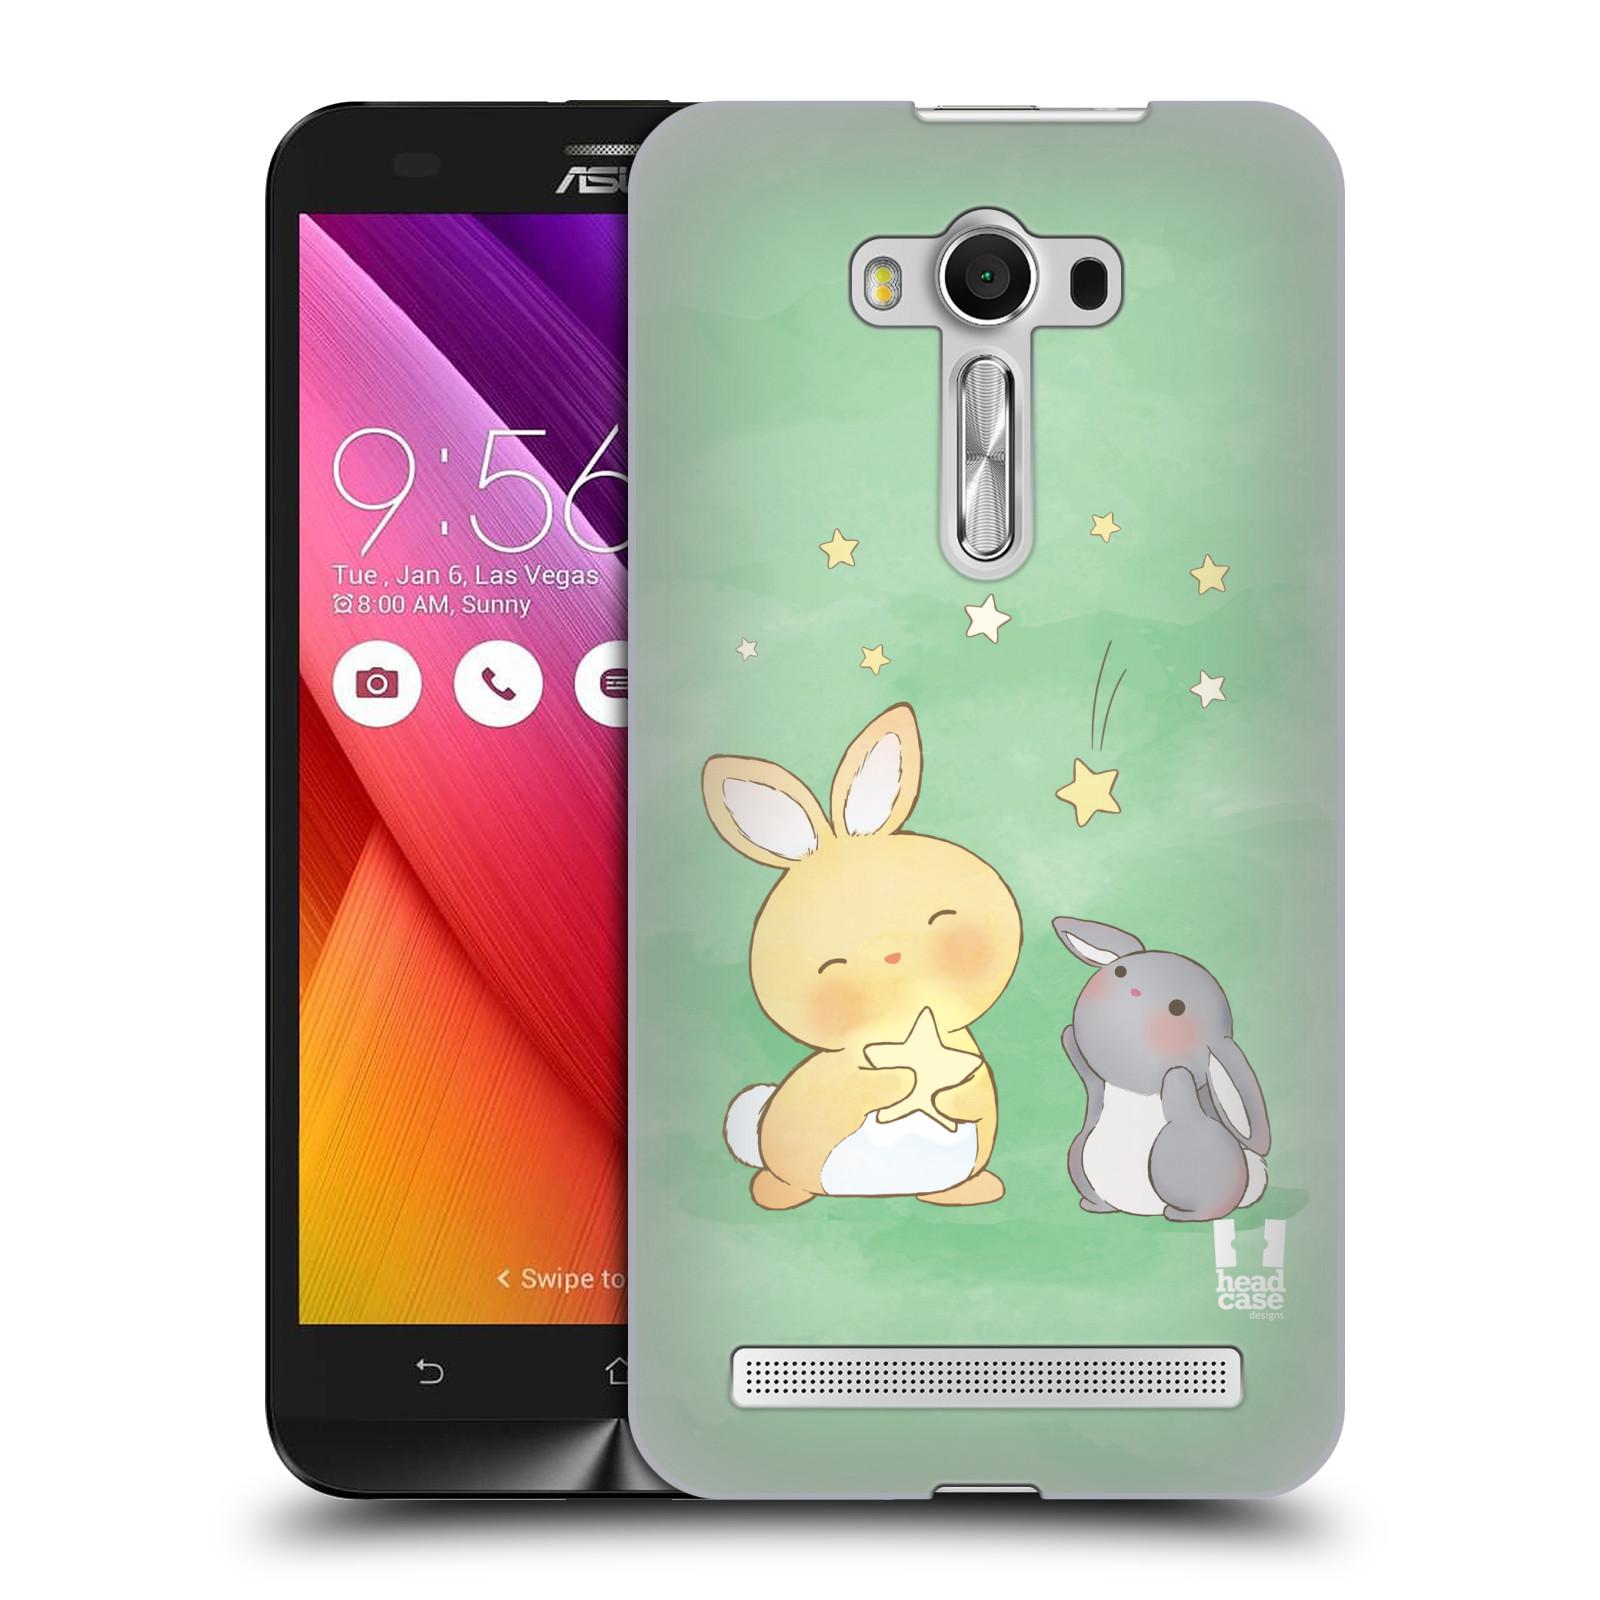 HEAD CASE plastový obal na mobil Asus Zenfone 2 LASER (5,5 displej ZE550KL) vzor králíček a hvězdy zelená